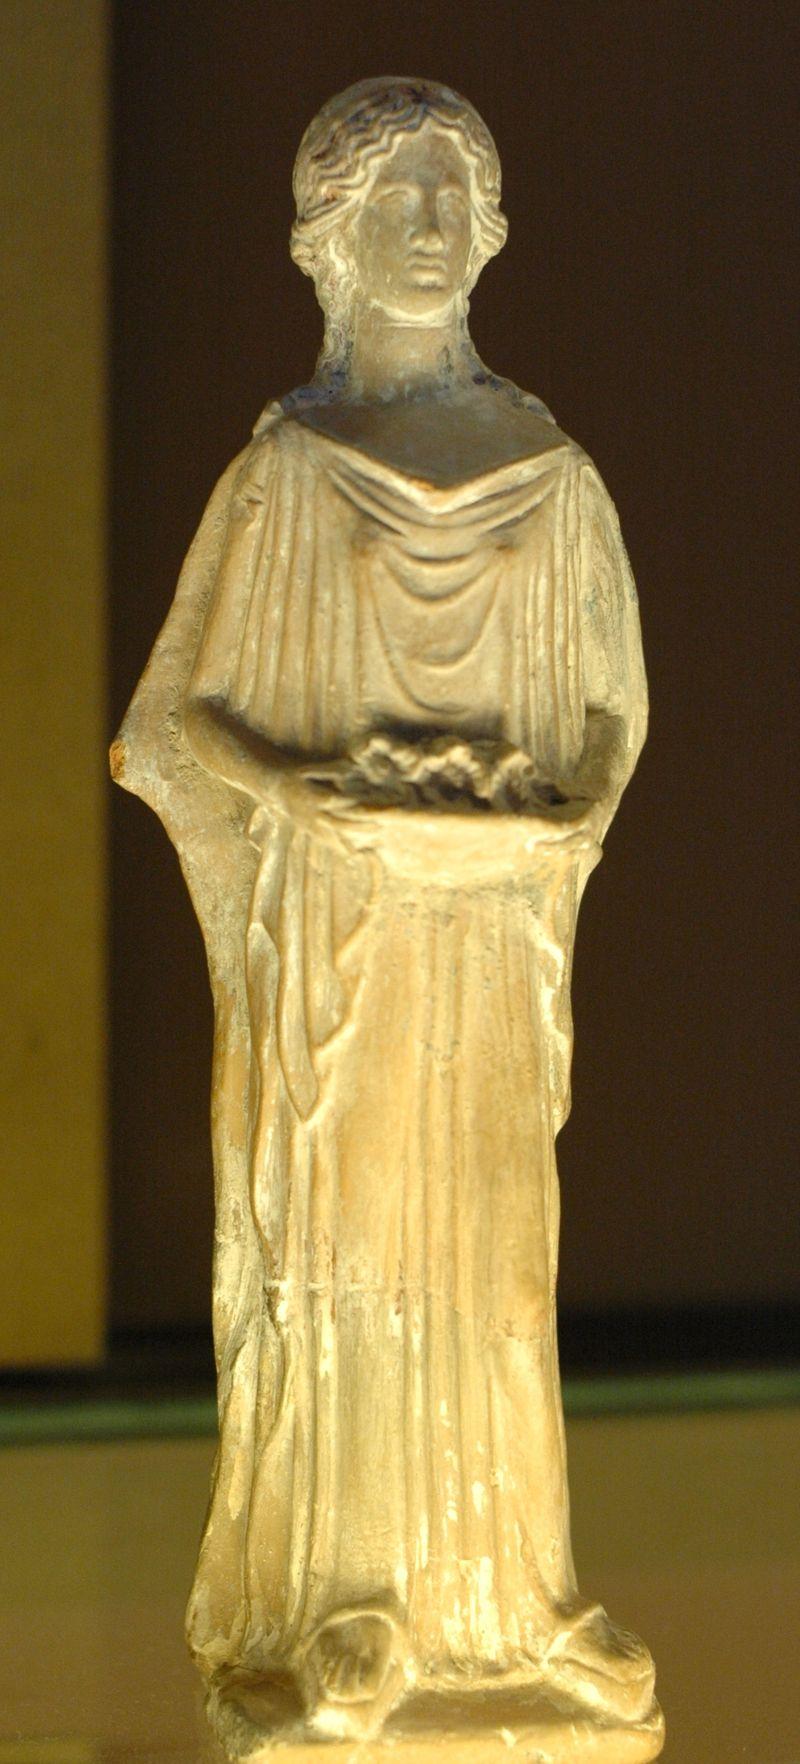 Woman offerings Louvre S2253.jpg